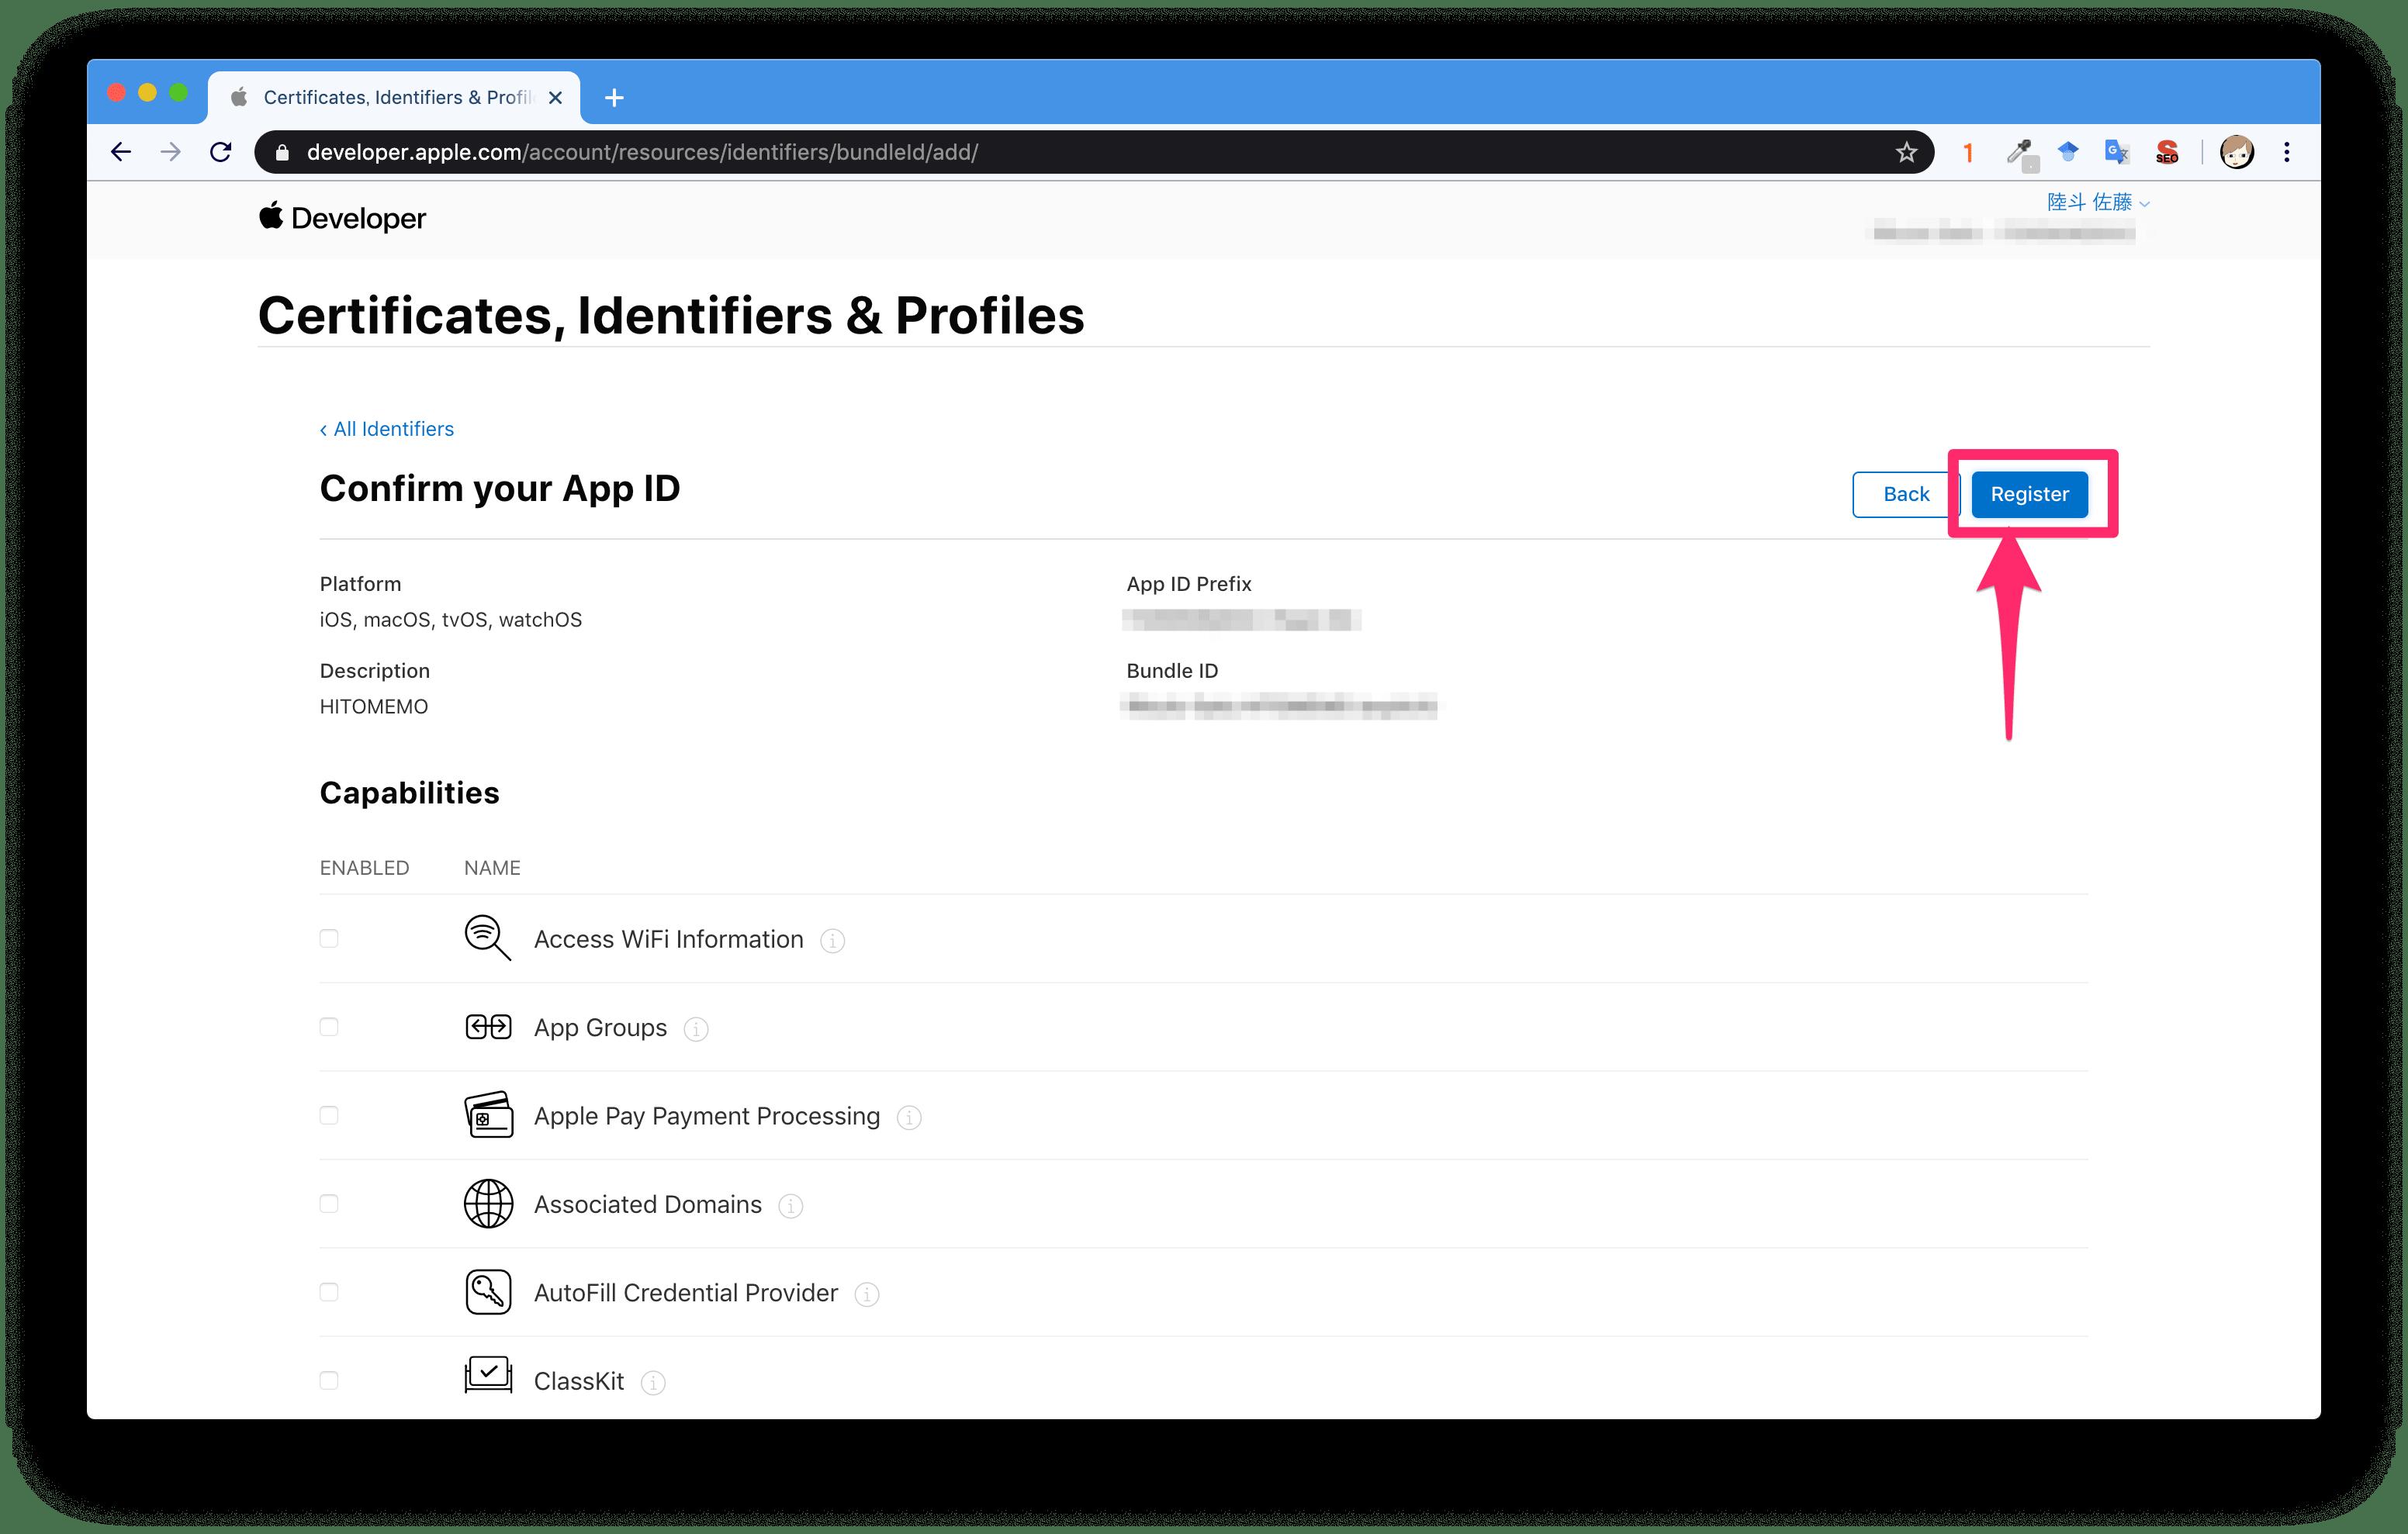 確認して、registerをクリックの画像